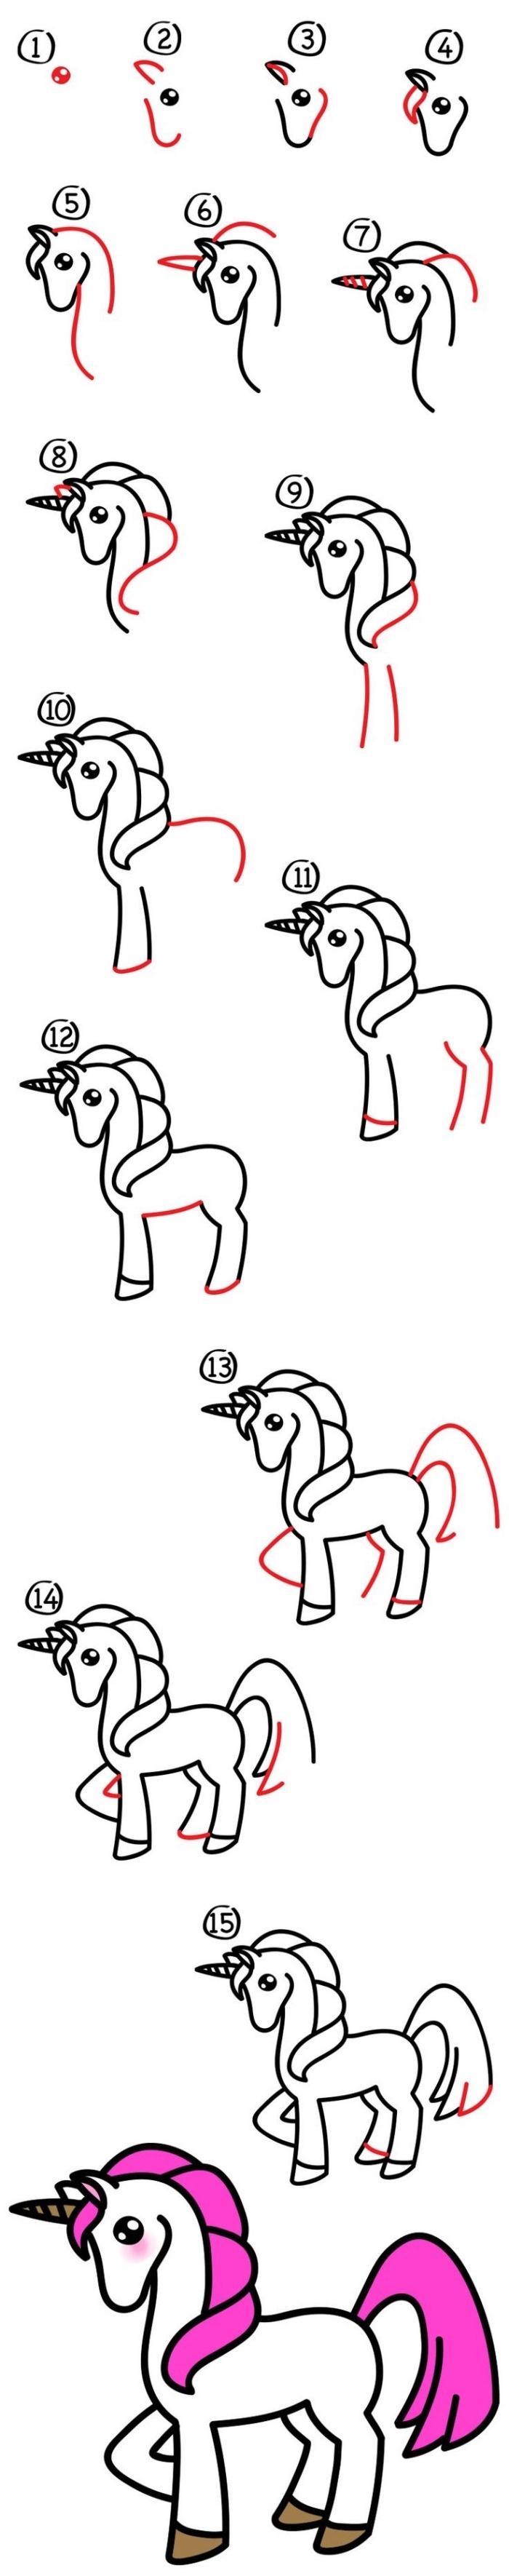 cours de dessin facile pour apprendre à faire une licorne avec pied levé et jolie crinière rose, comment dessiner une licorne facilement